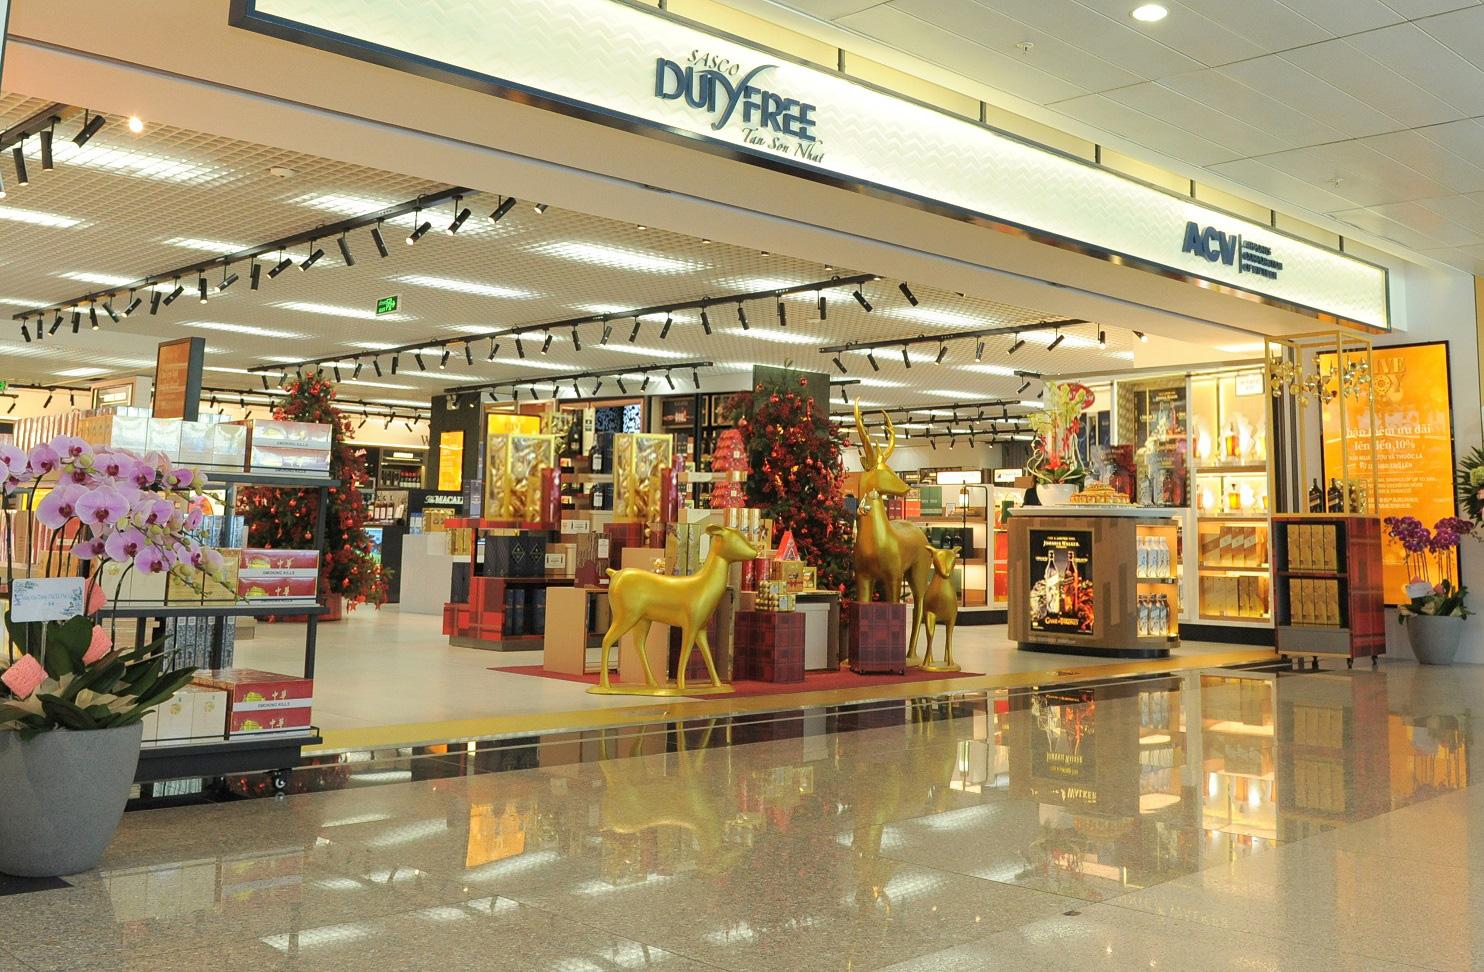 Khám phá cửa hàng miễn thuế bậc nhất sân bay quốc tế Tân Sơn Nhất - Ảnh 1.